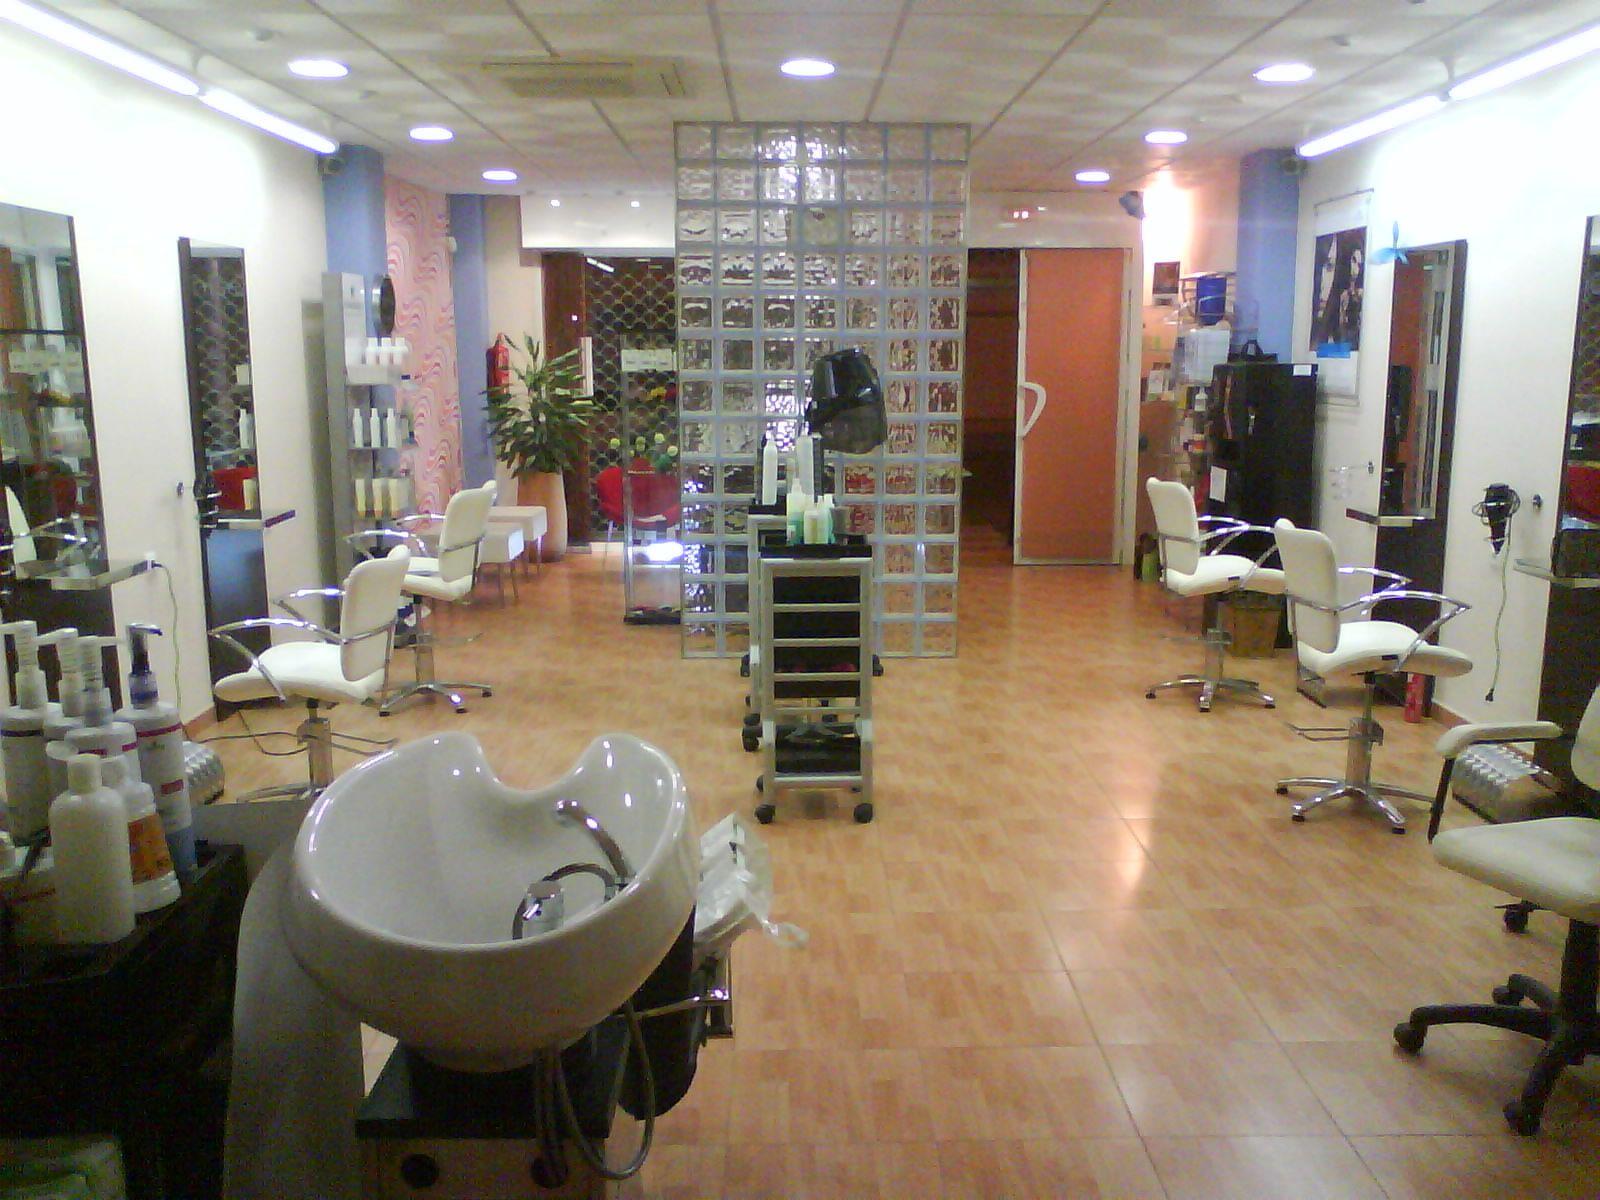 decoracin de salones de peluquera ideas vitales para decorar el saln de belleza segn tus